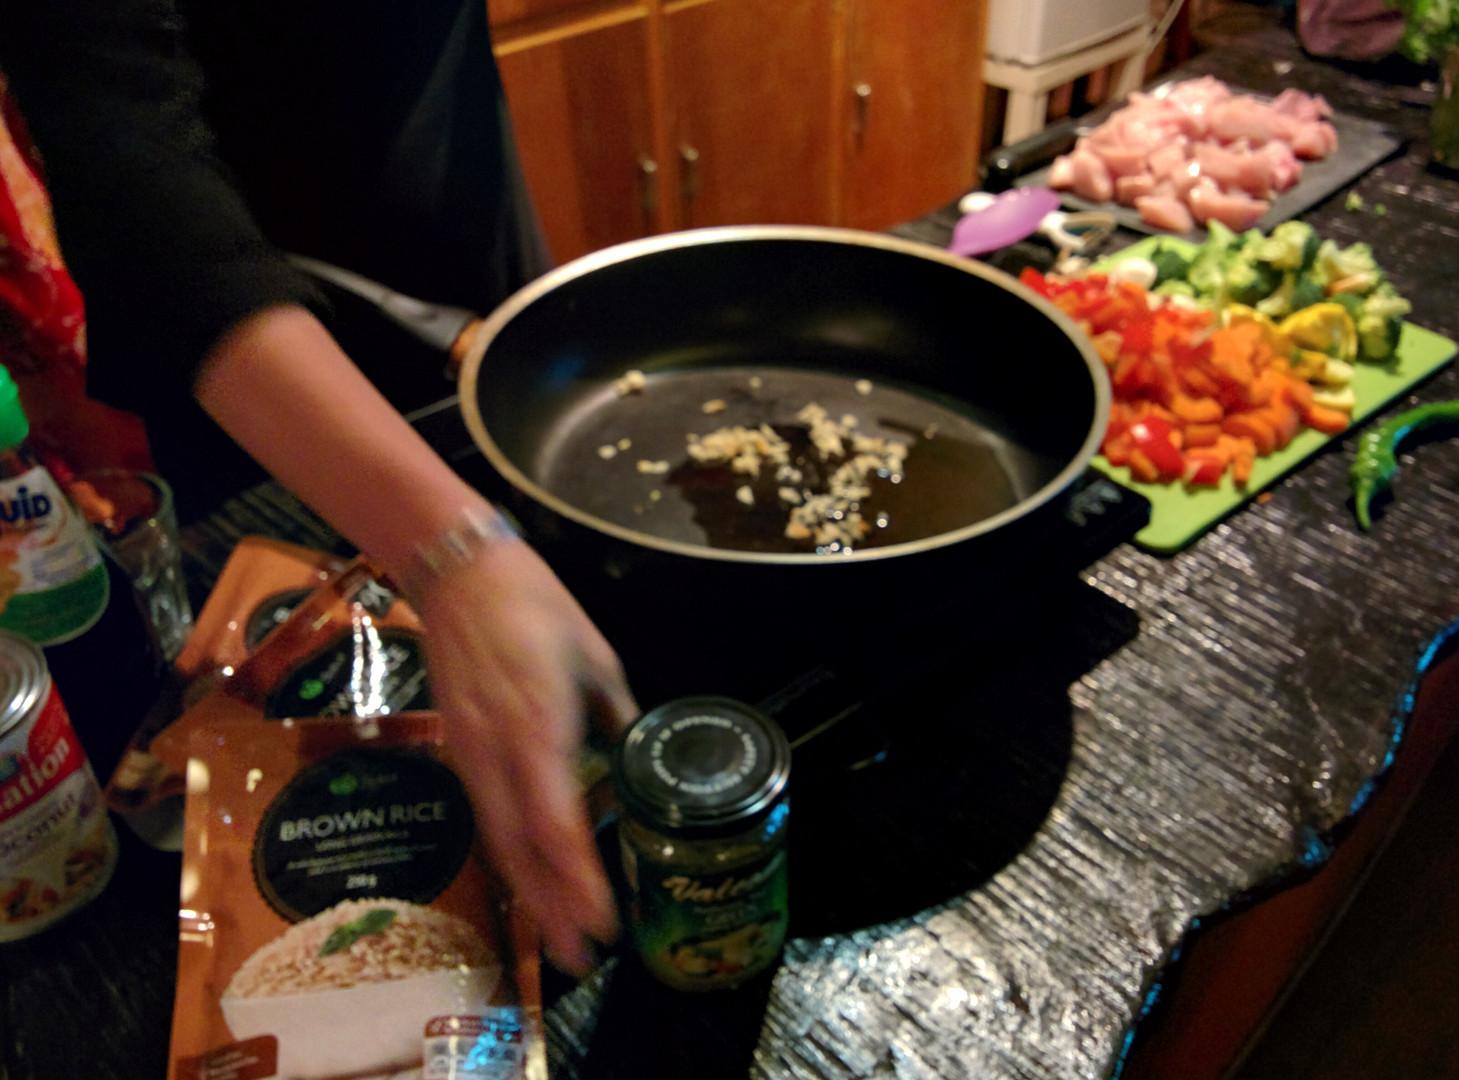 Healthy Cooking Demos